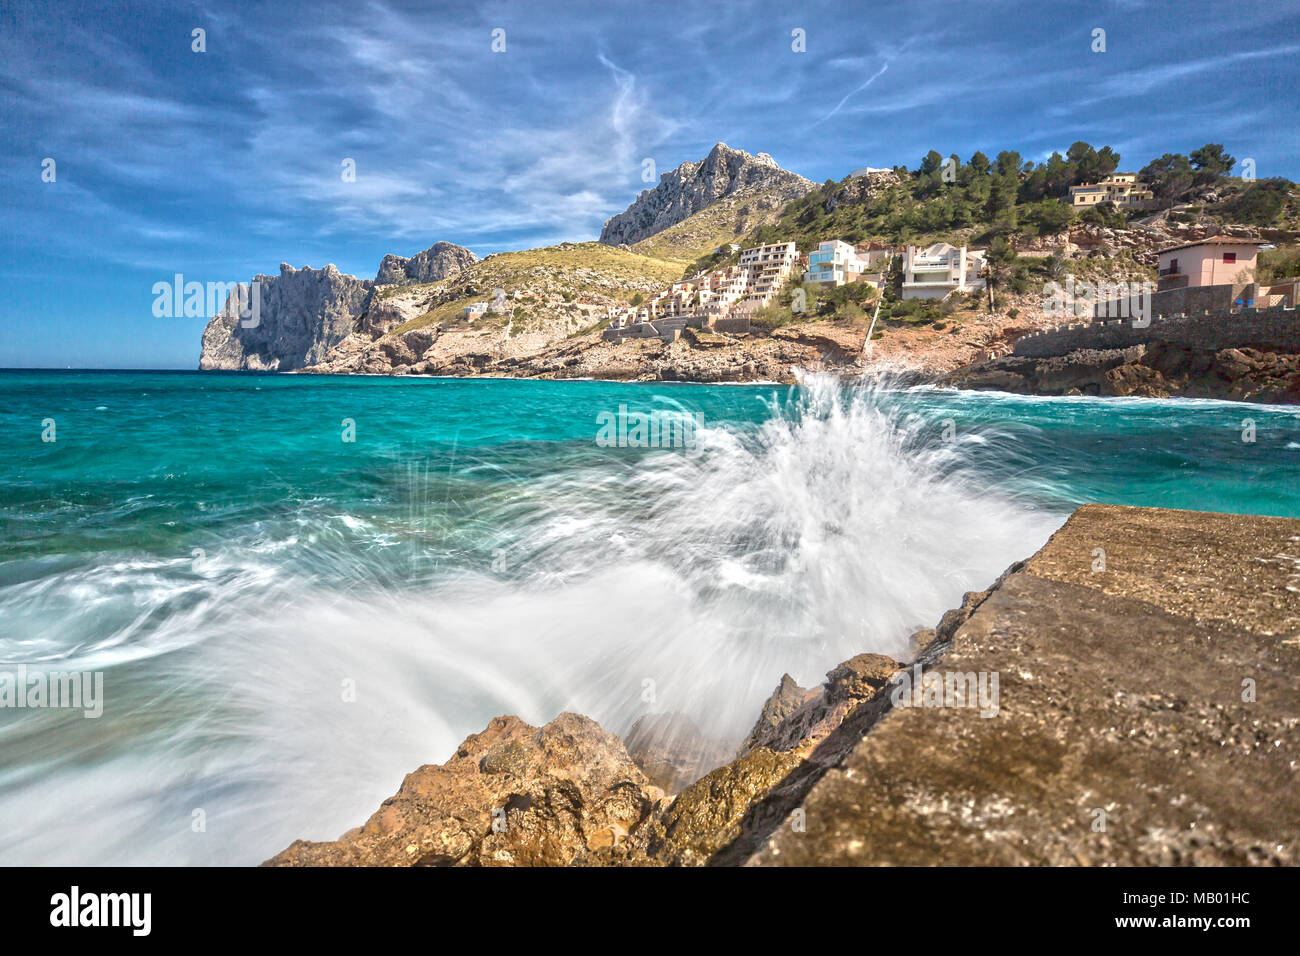 Gli spruzzi di acqua sul molo della piccola cittadina di Cala Sant Vincenc Immagini Stock